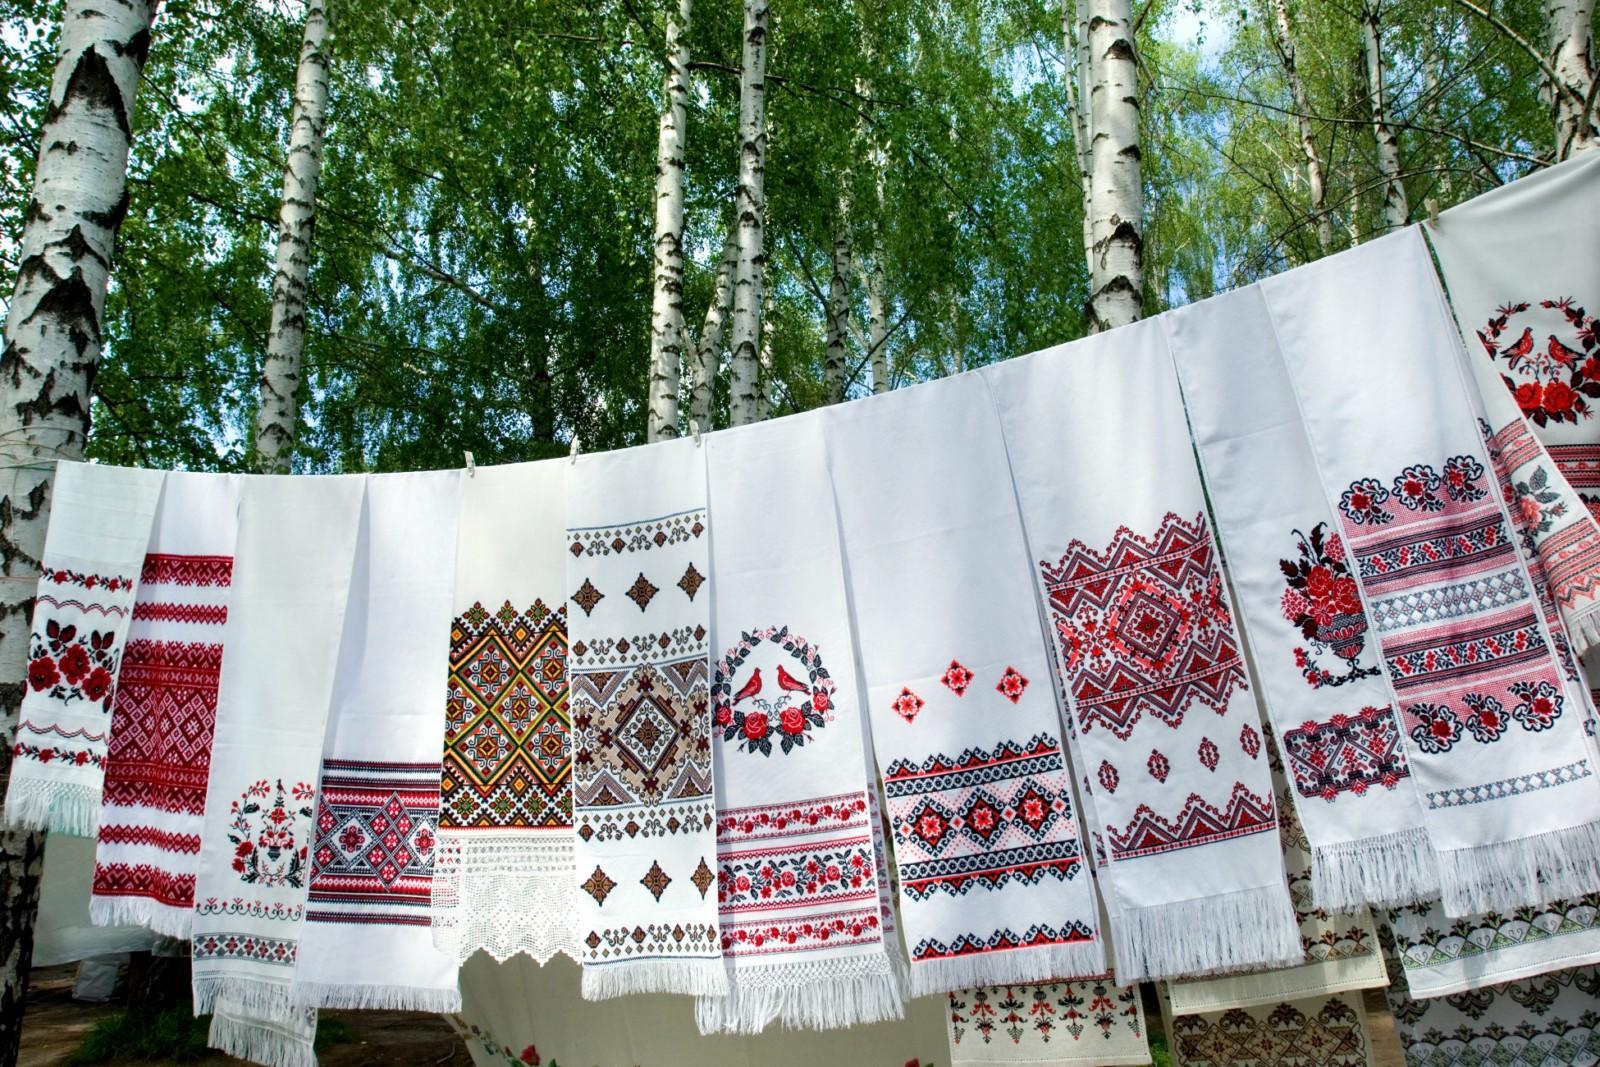 Прежде чем украшать различные изделия вышивкой, необходимо изучить историю создания орнамента, ведь зачастую узоры имеют свой особый сакральный смысл